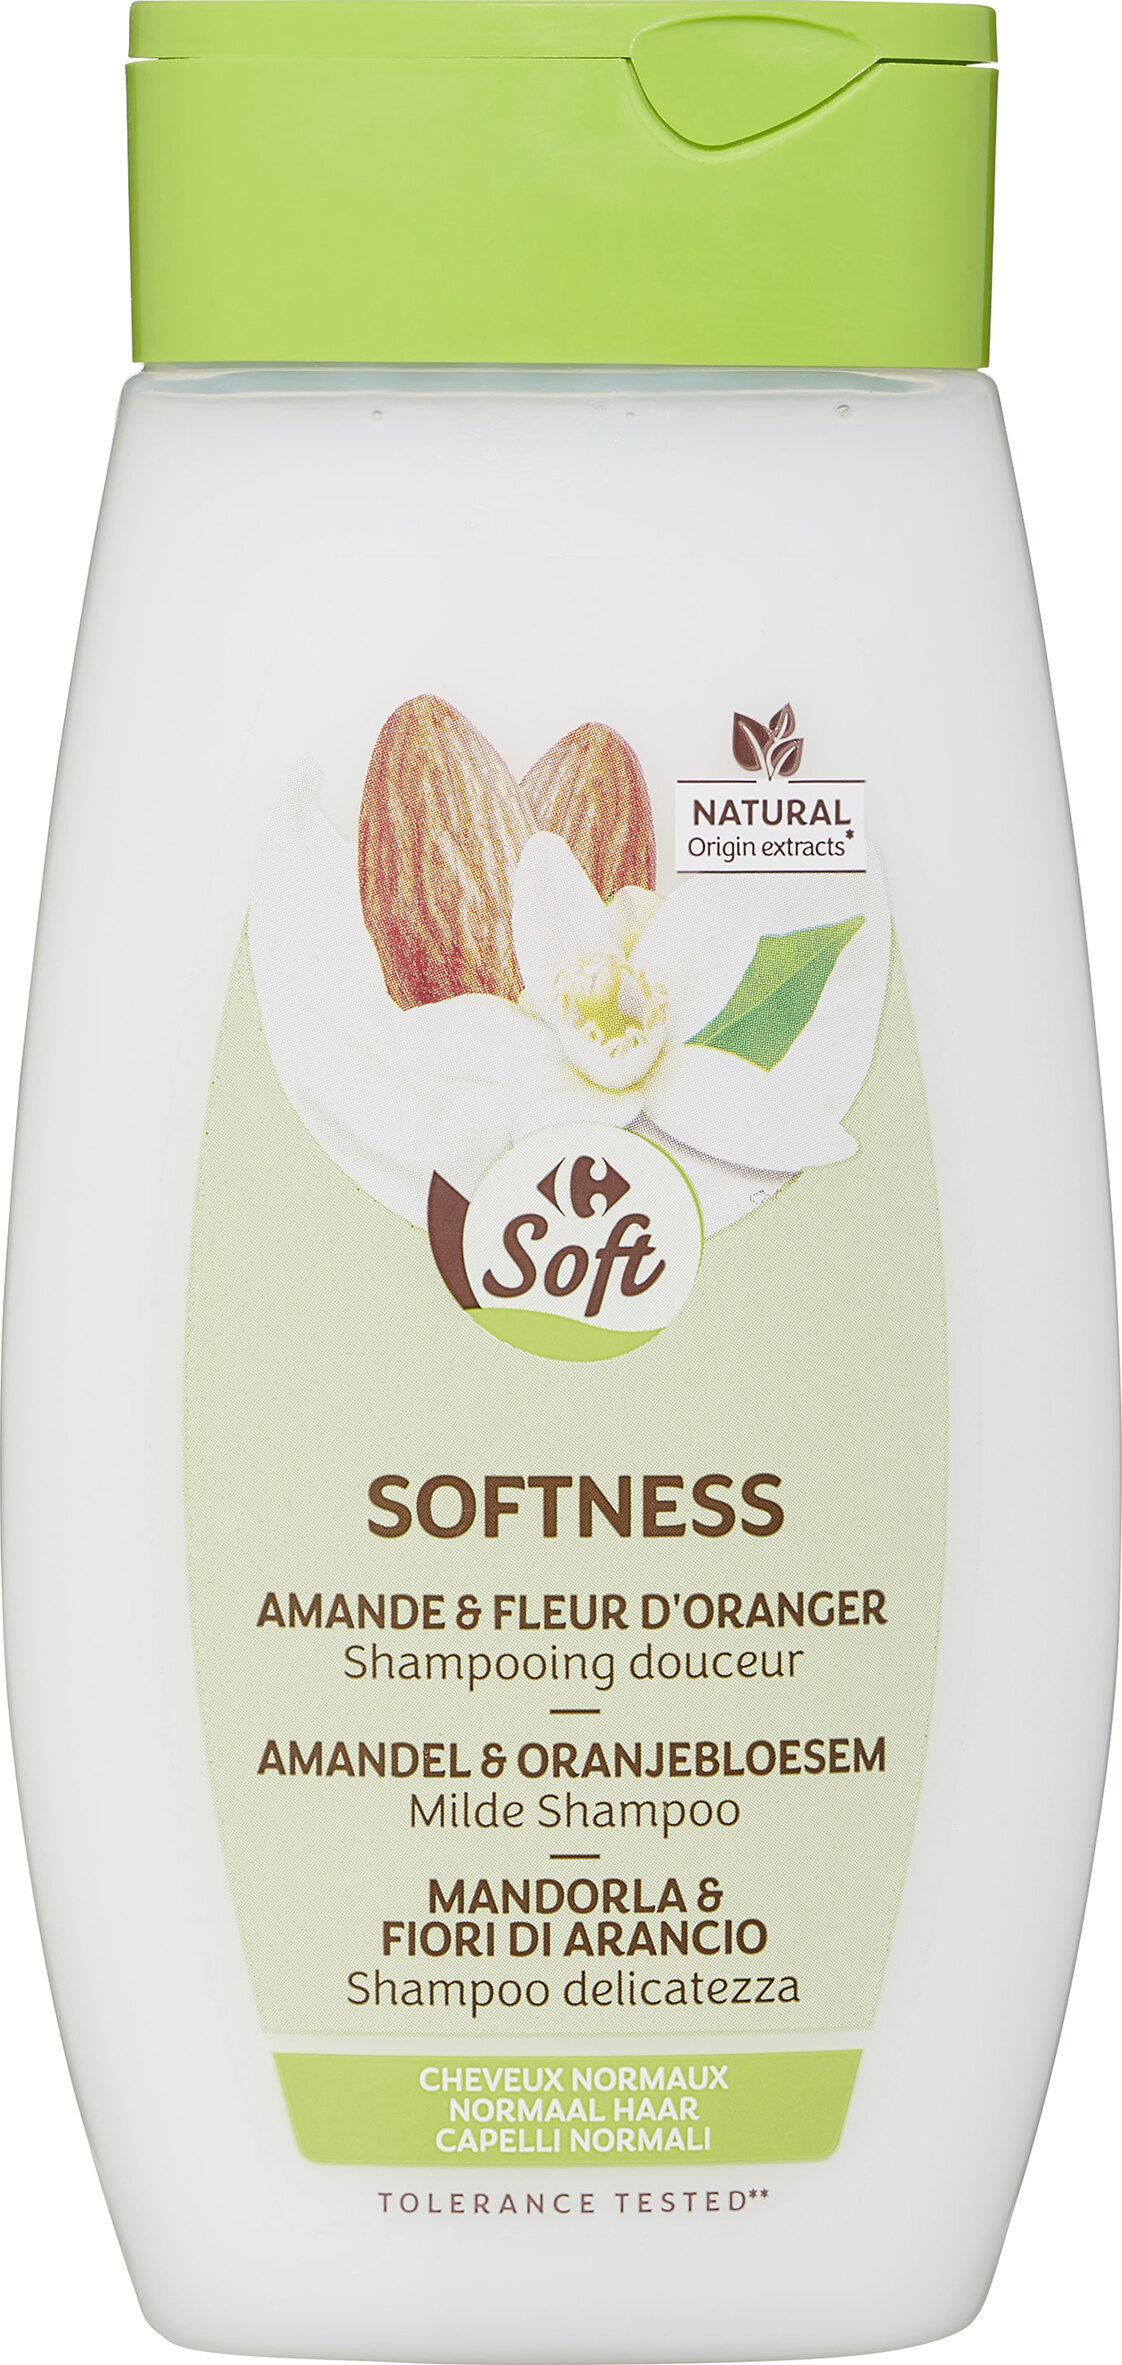 Shampooing douceur et brillance au lait d'amande douce et à la fleur d'oranger - Produit - fr